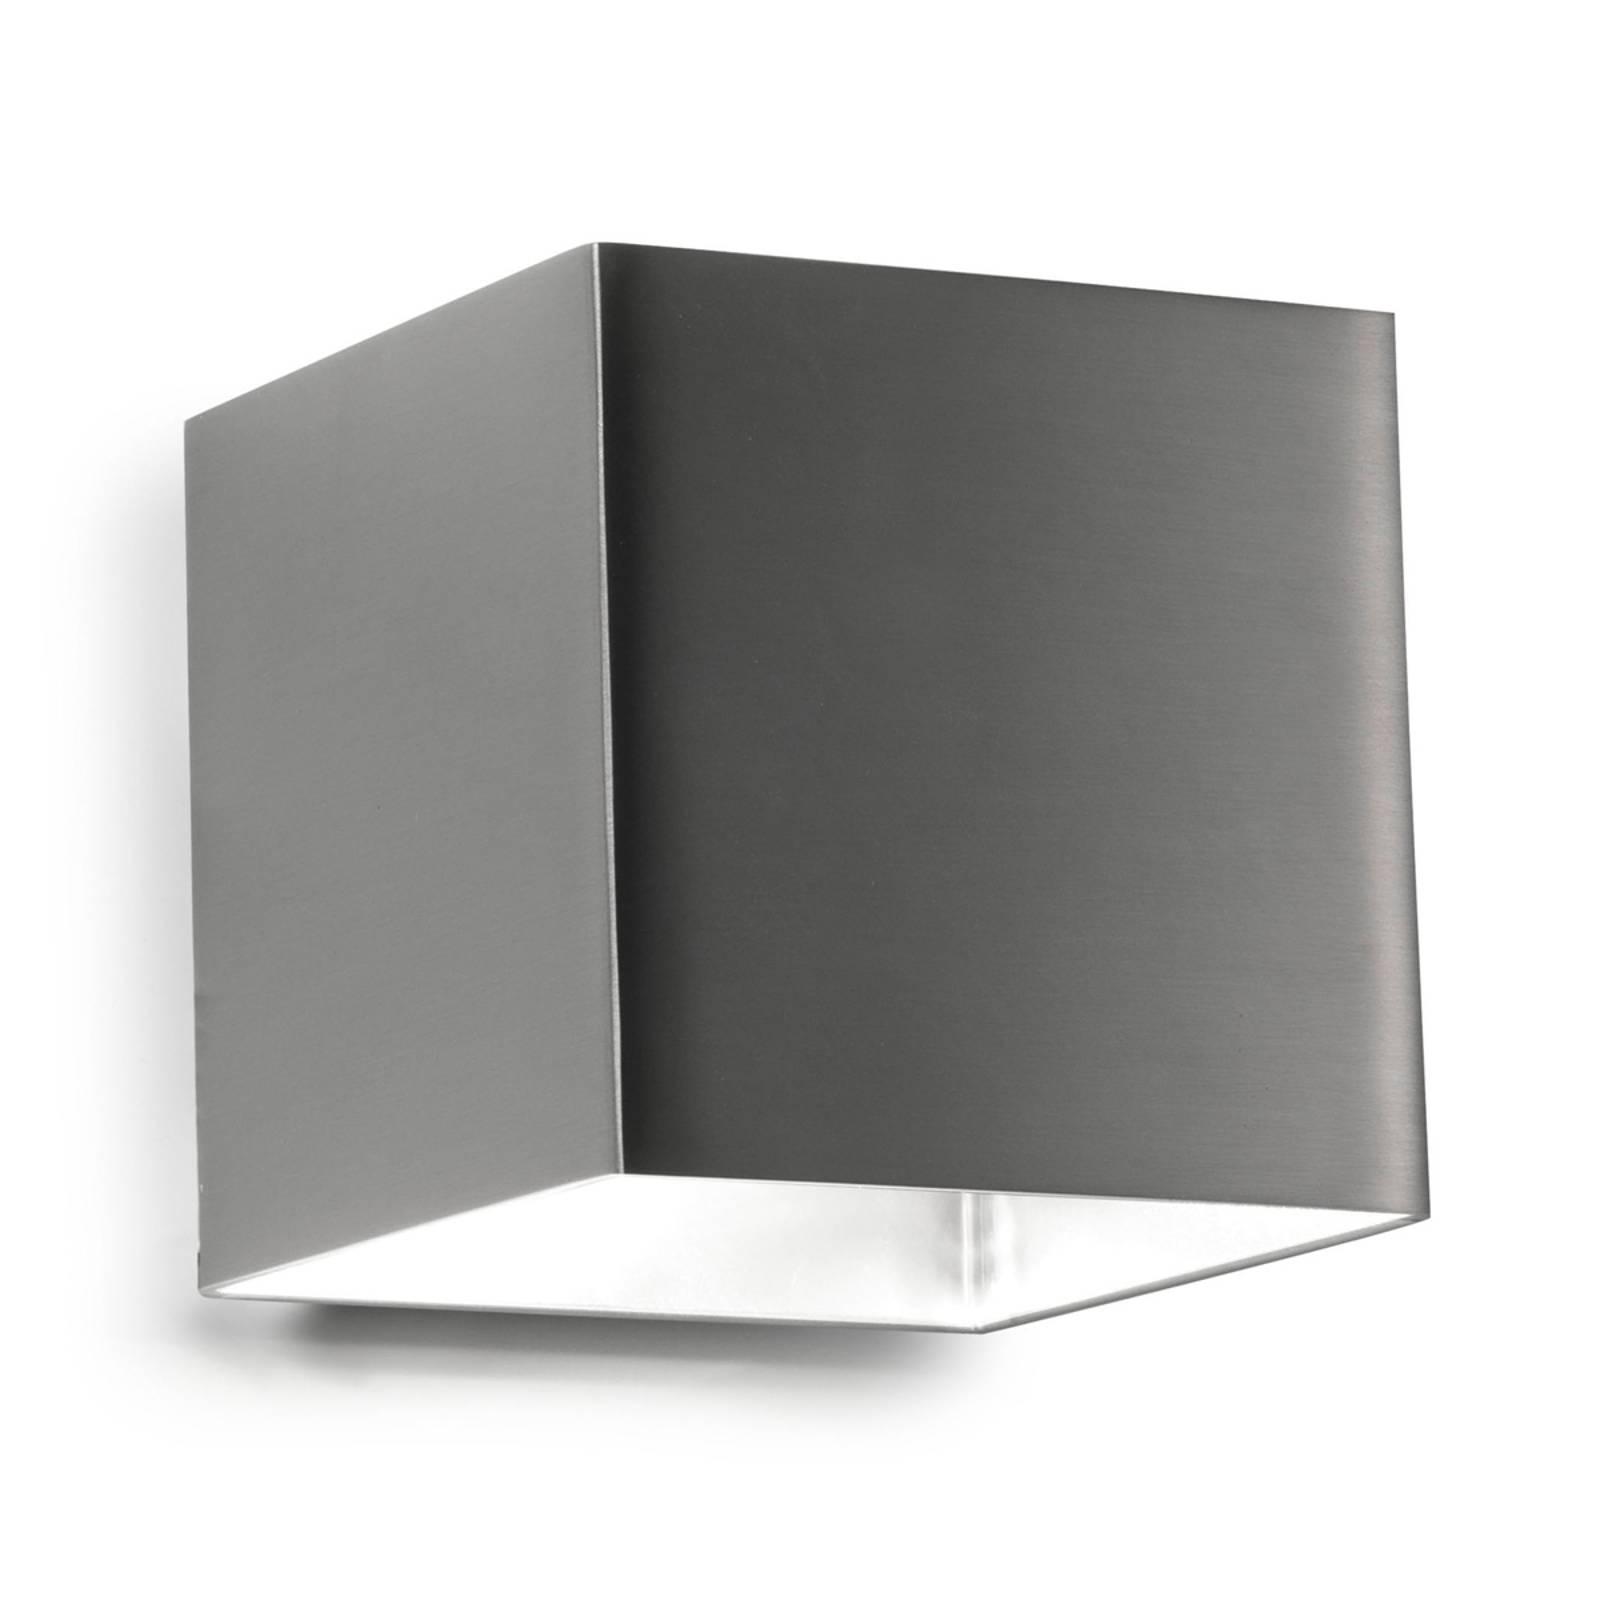 Neliömäinen LED-seinävalaisin Basic, nikkeli